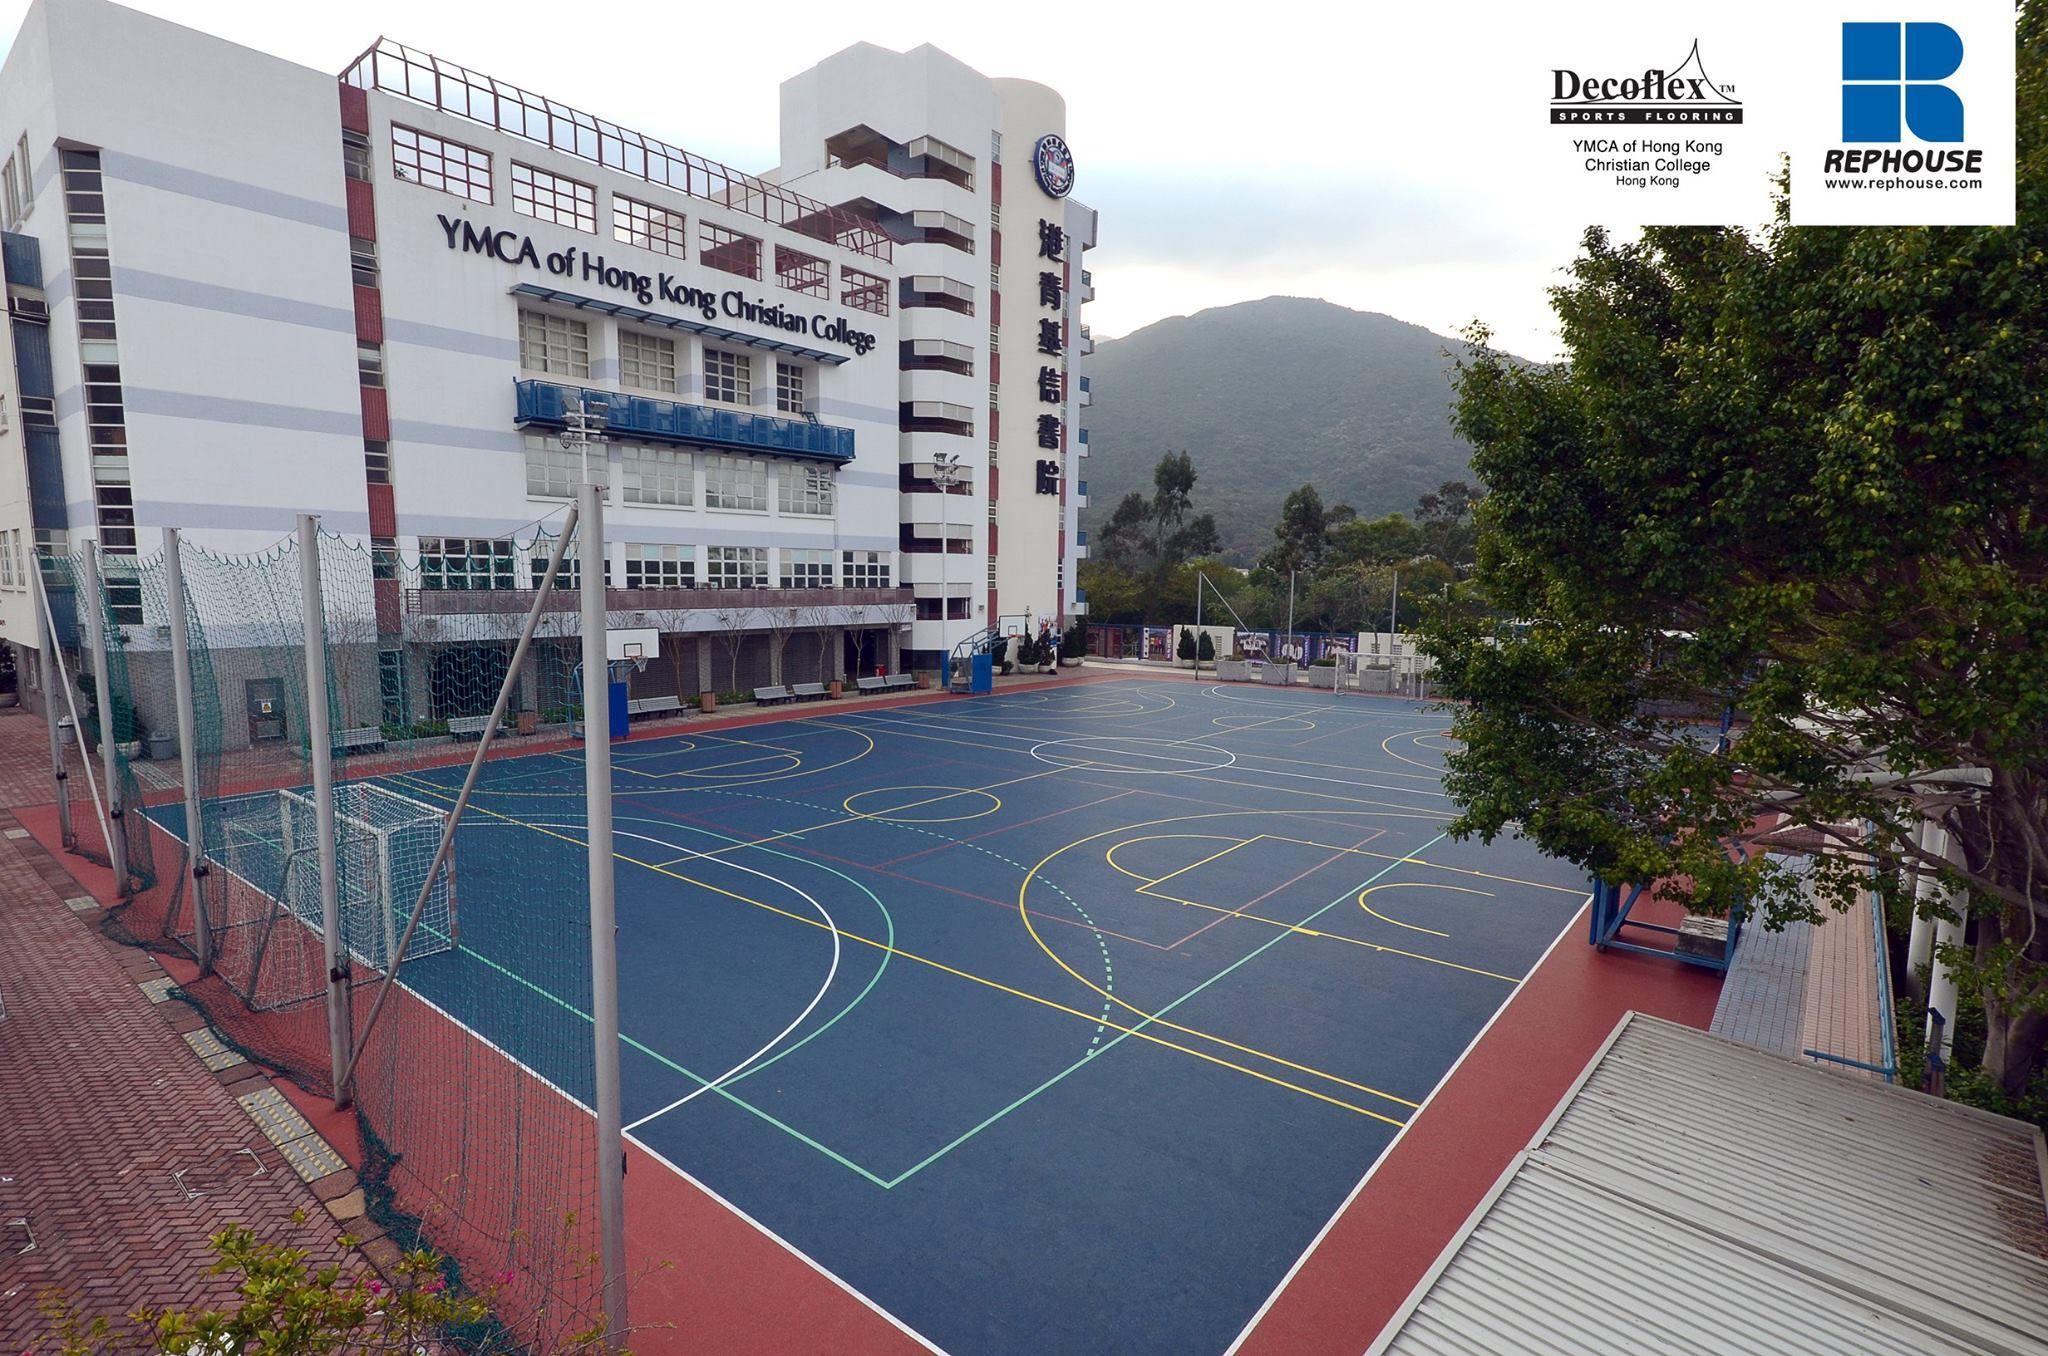 Decoflex D15 Outdoor Sports Flooring Ymca Of Hong Kong Christian College Hong Kong Ymca Asian Games Hong Kong